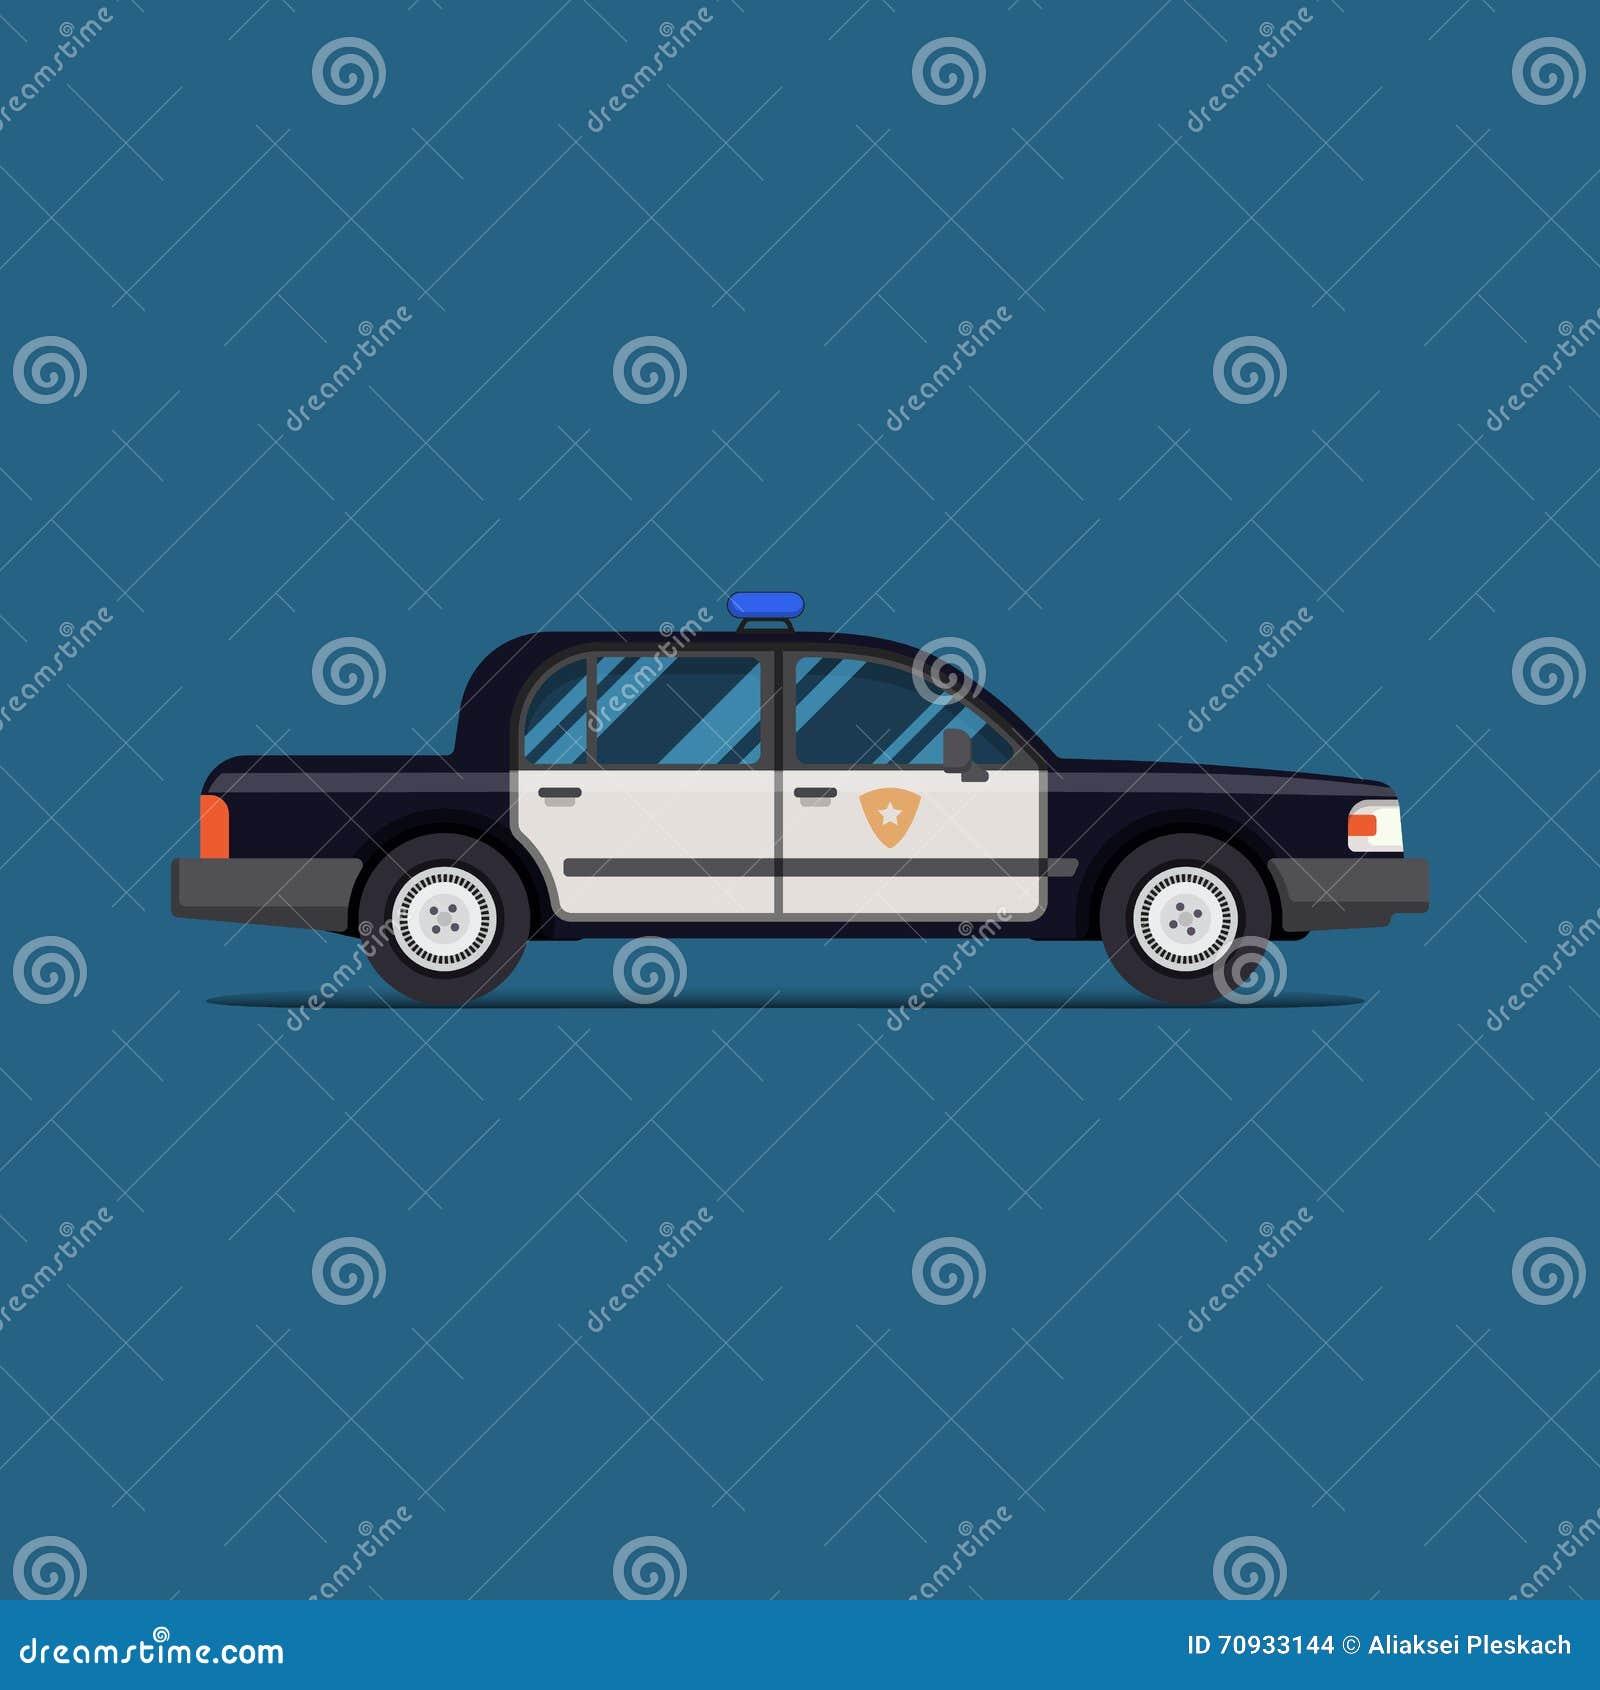 illustration of a car police interceptor vector illustration 80675694. Black Bedroom Furniture Sets. Home Design Ideas